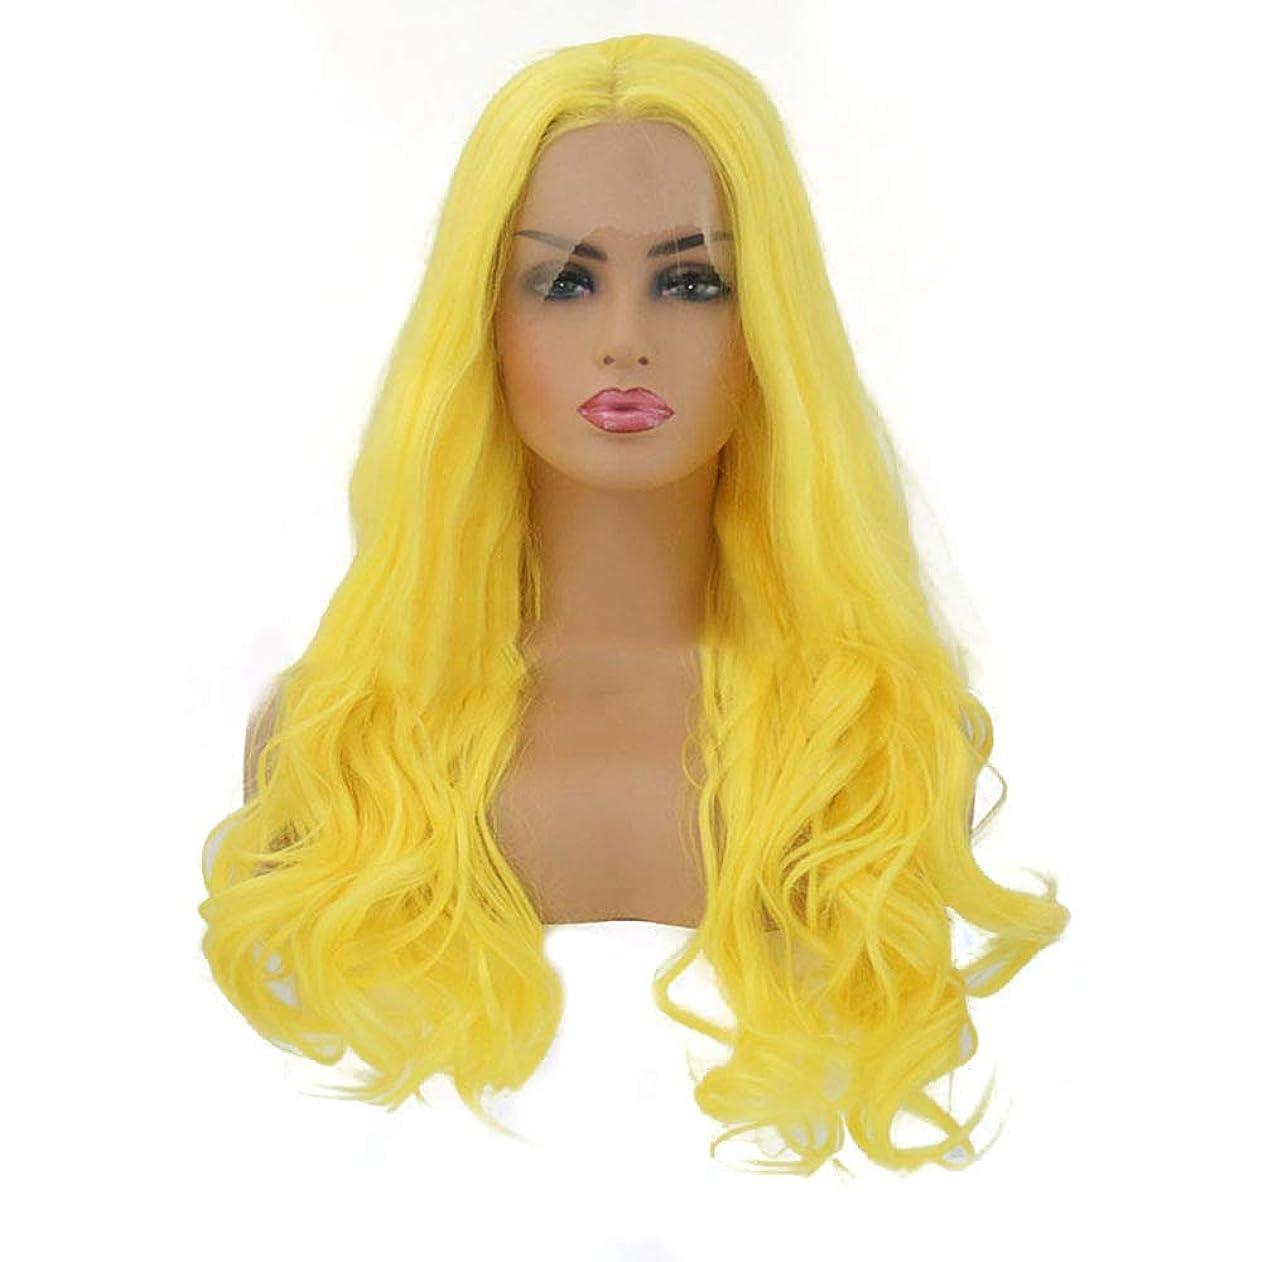 どこにでもグリル社会主義者Yrattary ハロウィーンのかつら女性のフロントレースロングロール黄色ビッグウェーブメイクアップドレスのかつら小道具合成の髪のレースのかつらロールプレイングかつら (色 : イエロー, サイズ : 26 inches)